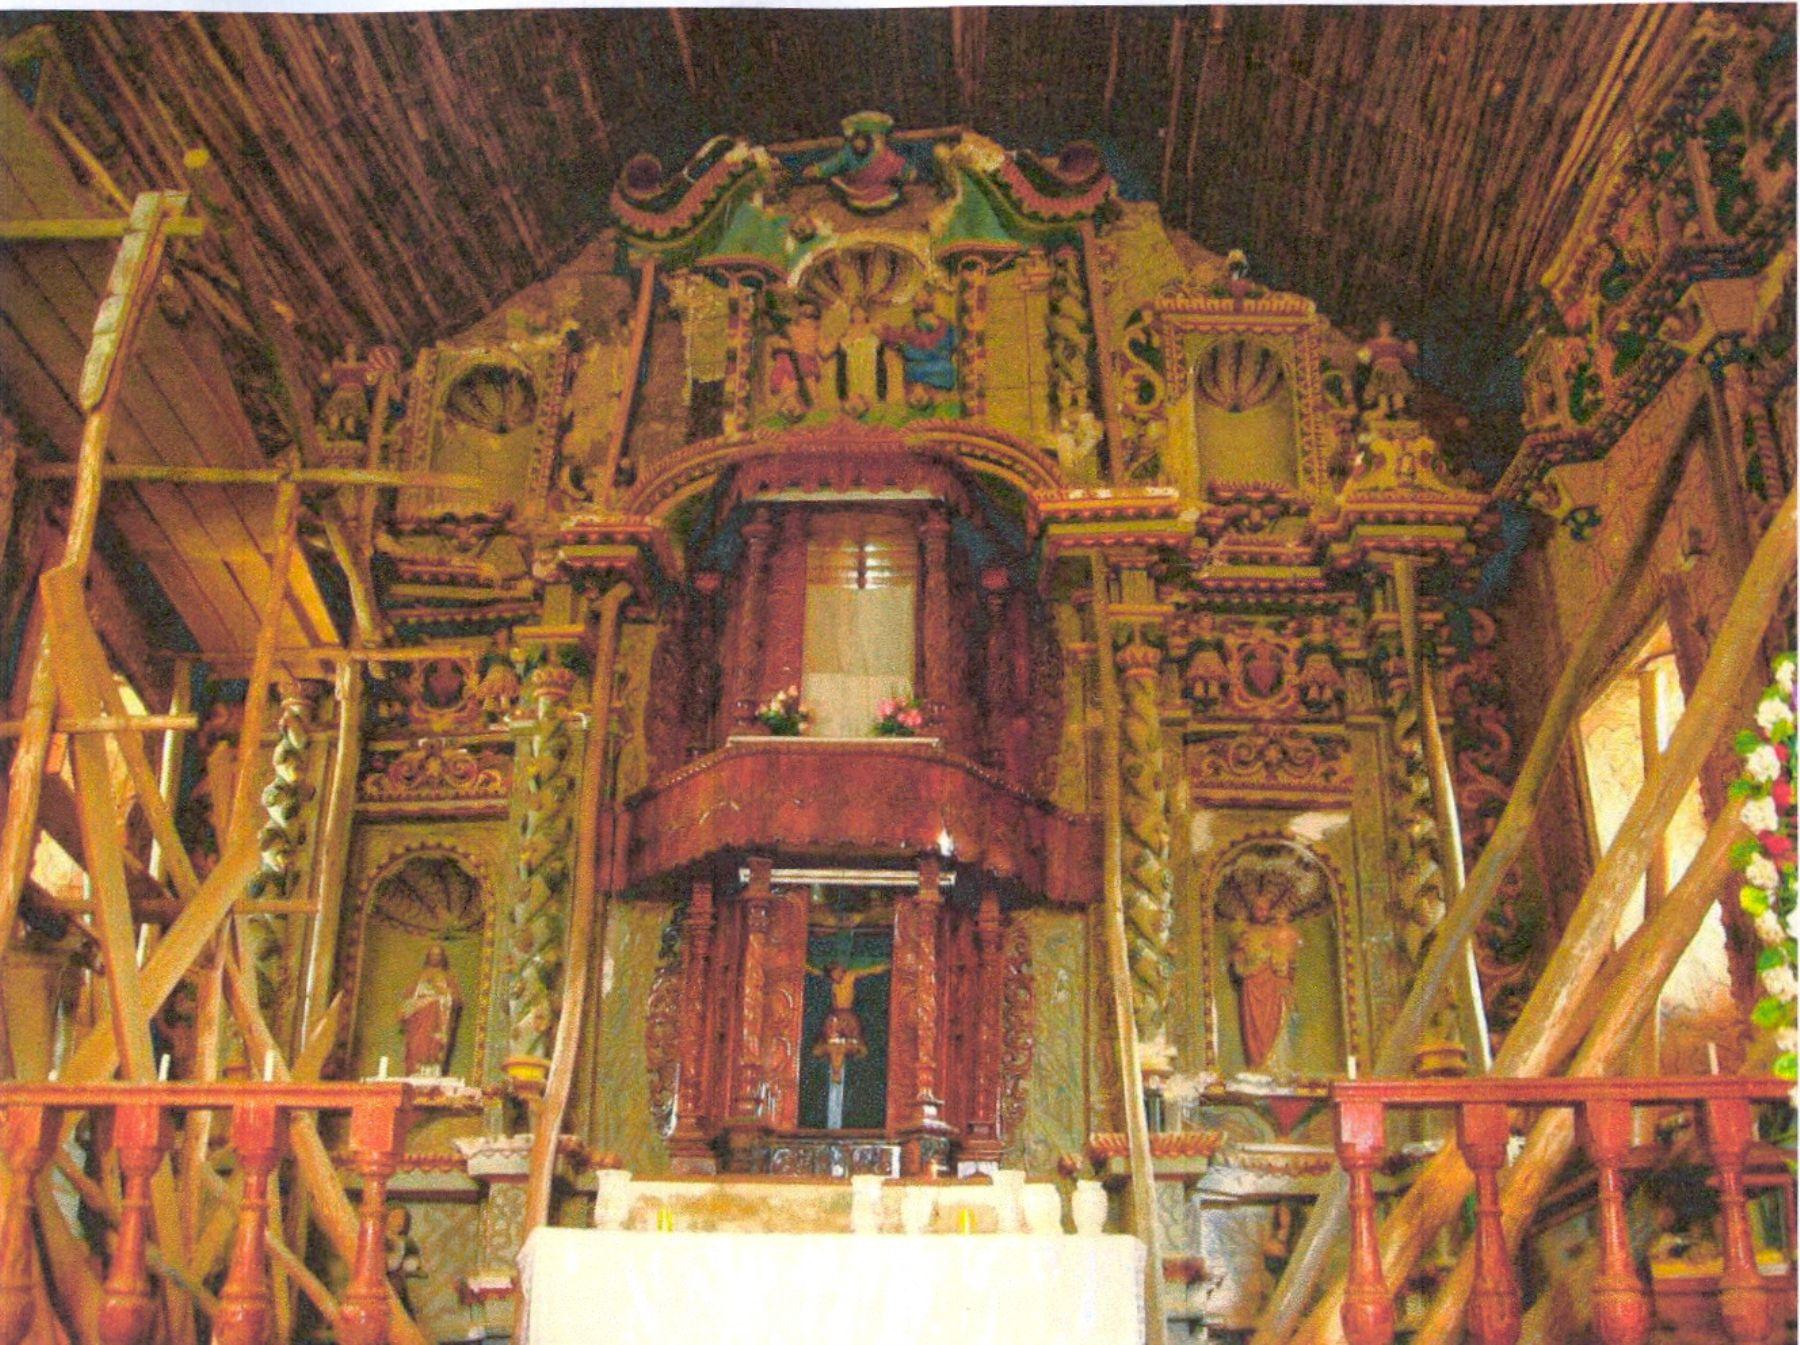 """Interior de la iglesia Nuestra Señora de la Asunción de Angasmarca, considerada """"la capilla Sixtina del norte del Perú"""". Foto: ANDINA/Arzobispado de Trujillo."""